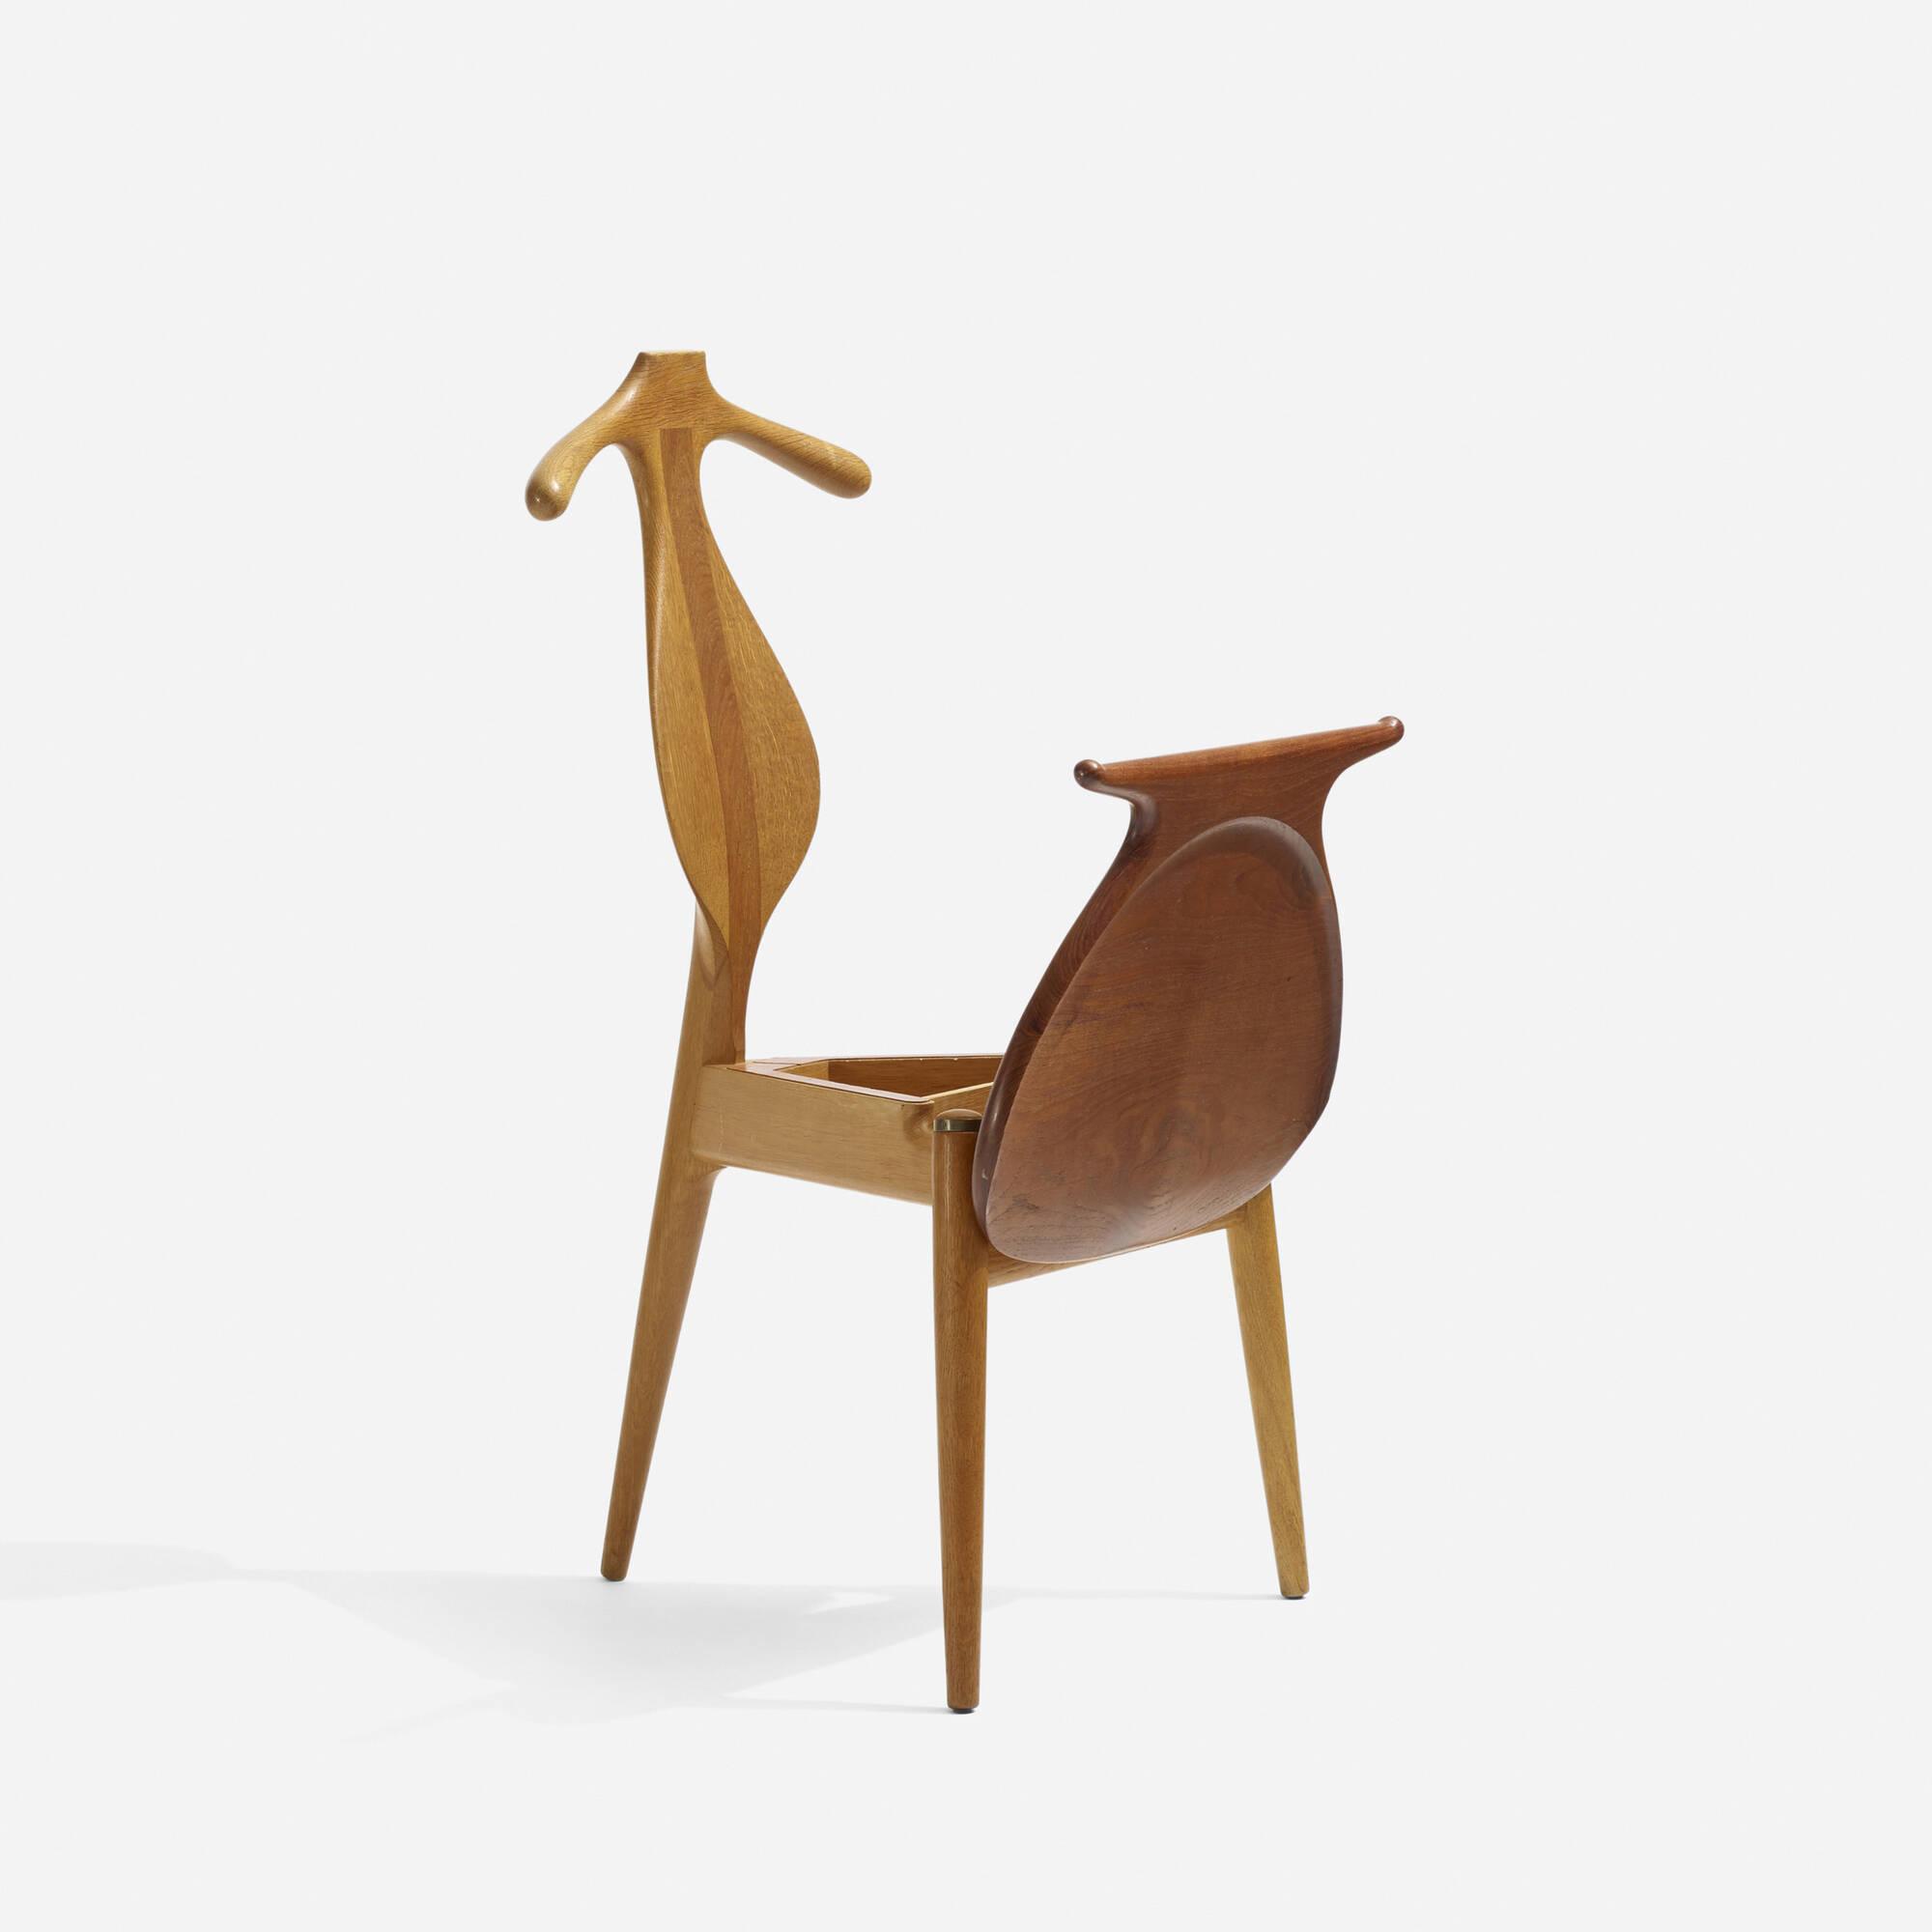 255 Hans J Wegner Valet chair Scandinavian Design 5 May